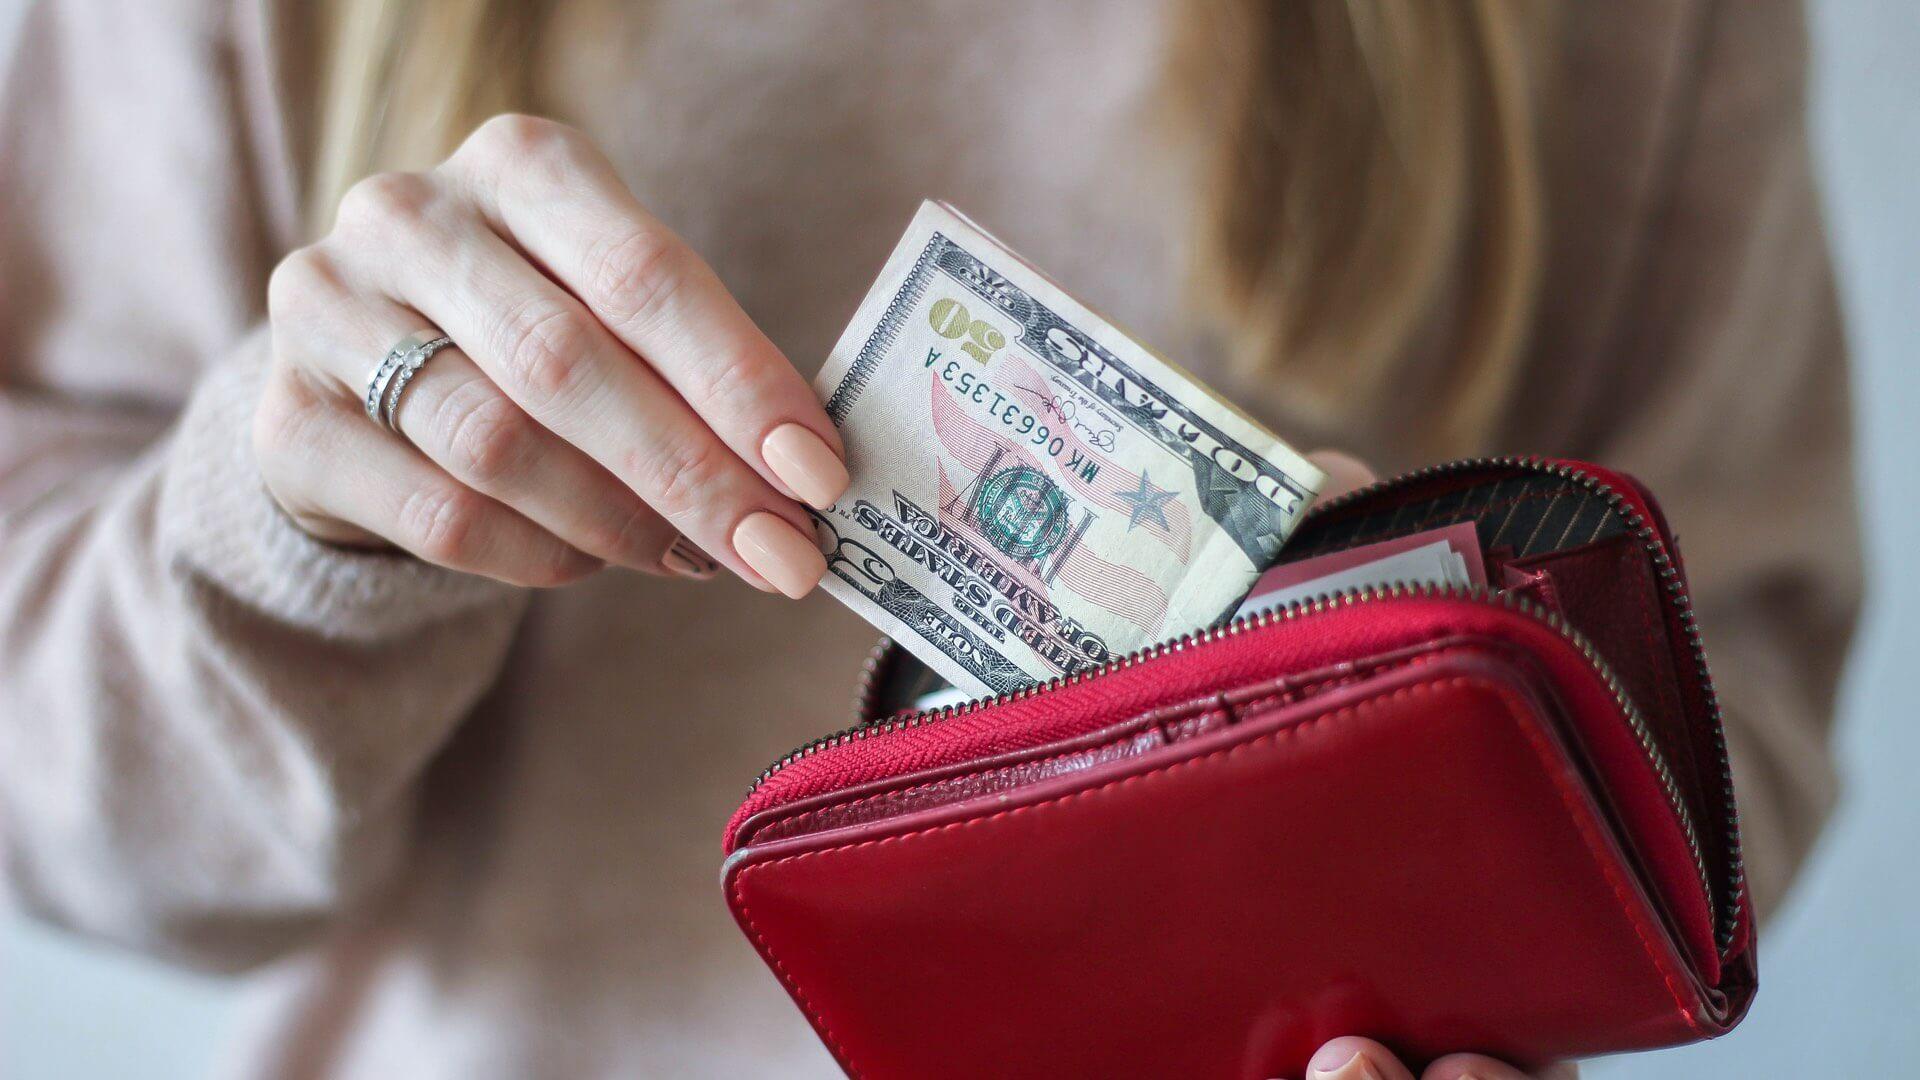 افضل تطبيقات تنظيم الراتب الشهري و ادخار الاموال 2021 5